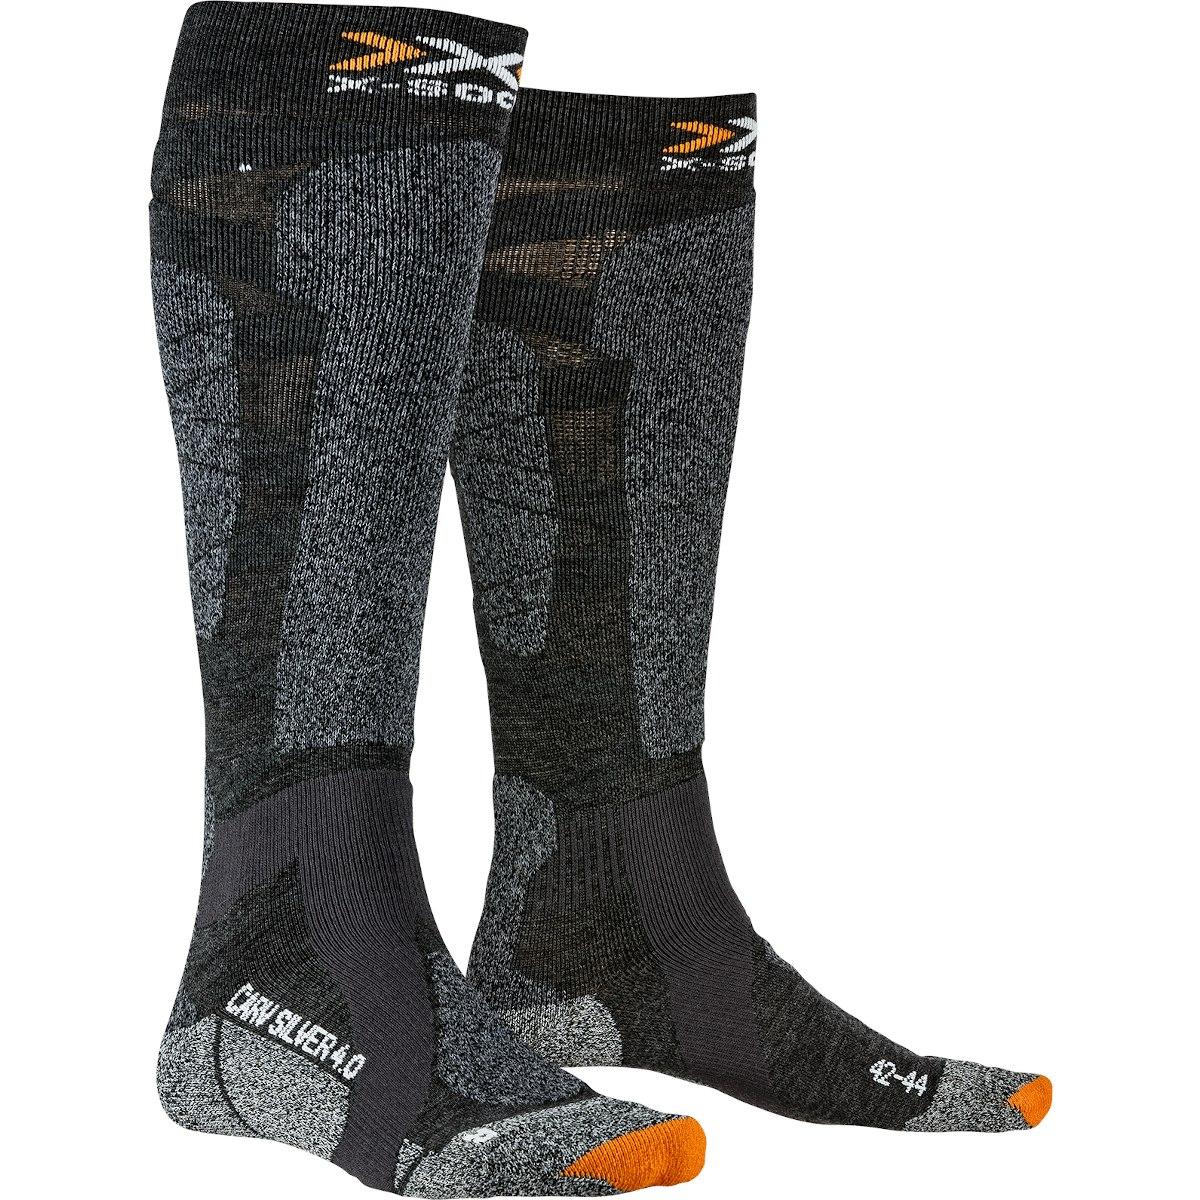 X-Socks Carve Silver 4.0 Socken - anthracite melange/black melange